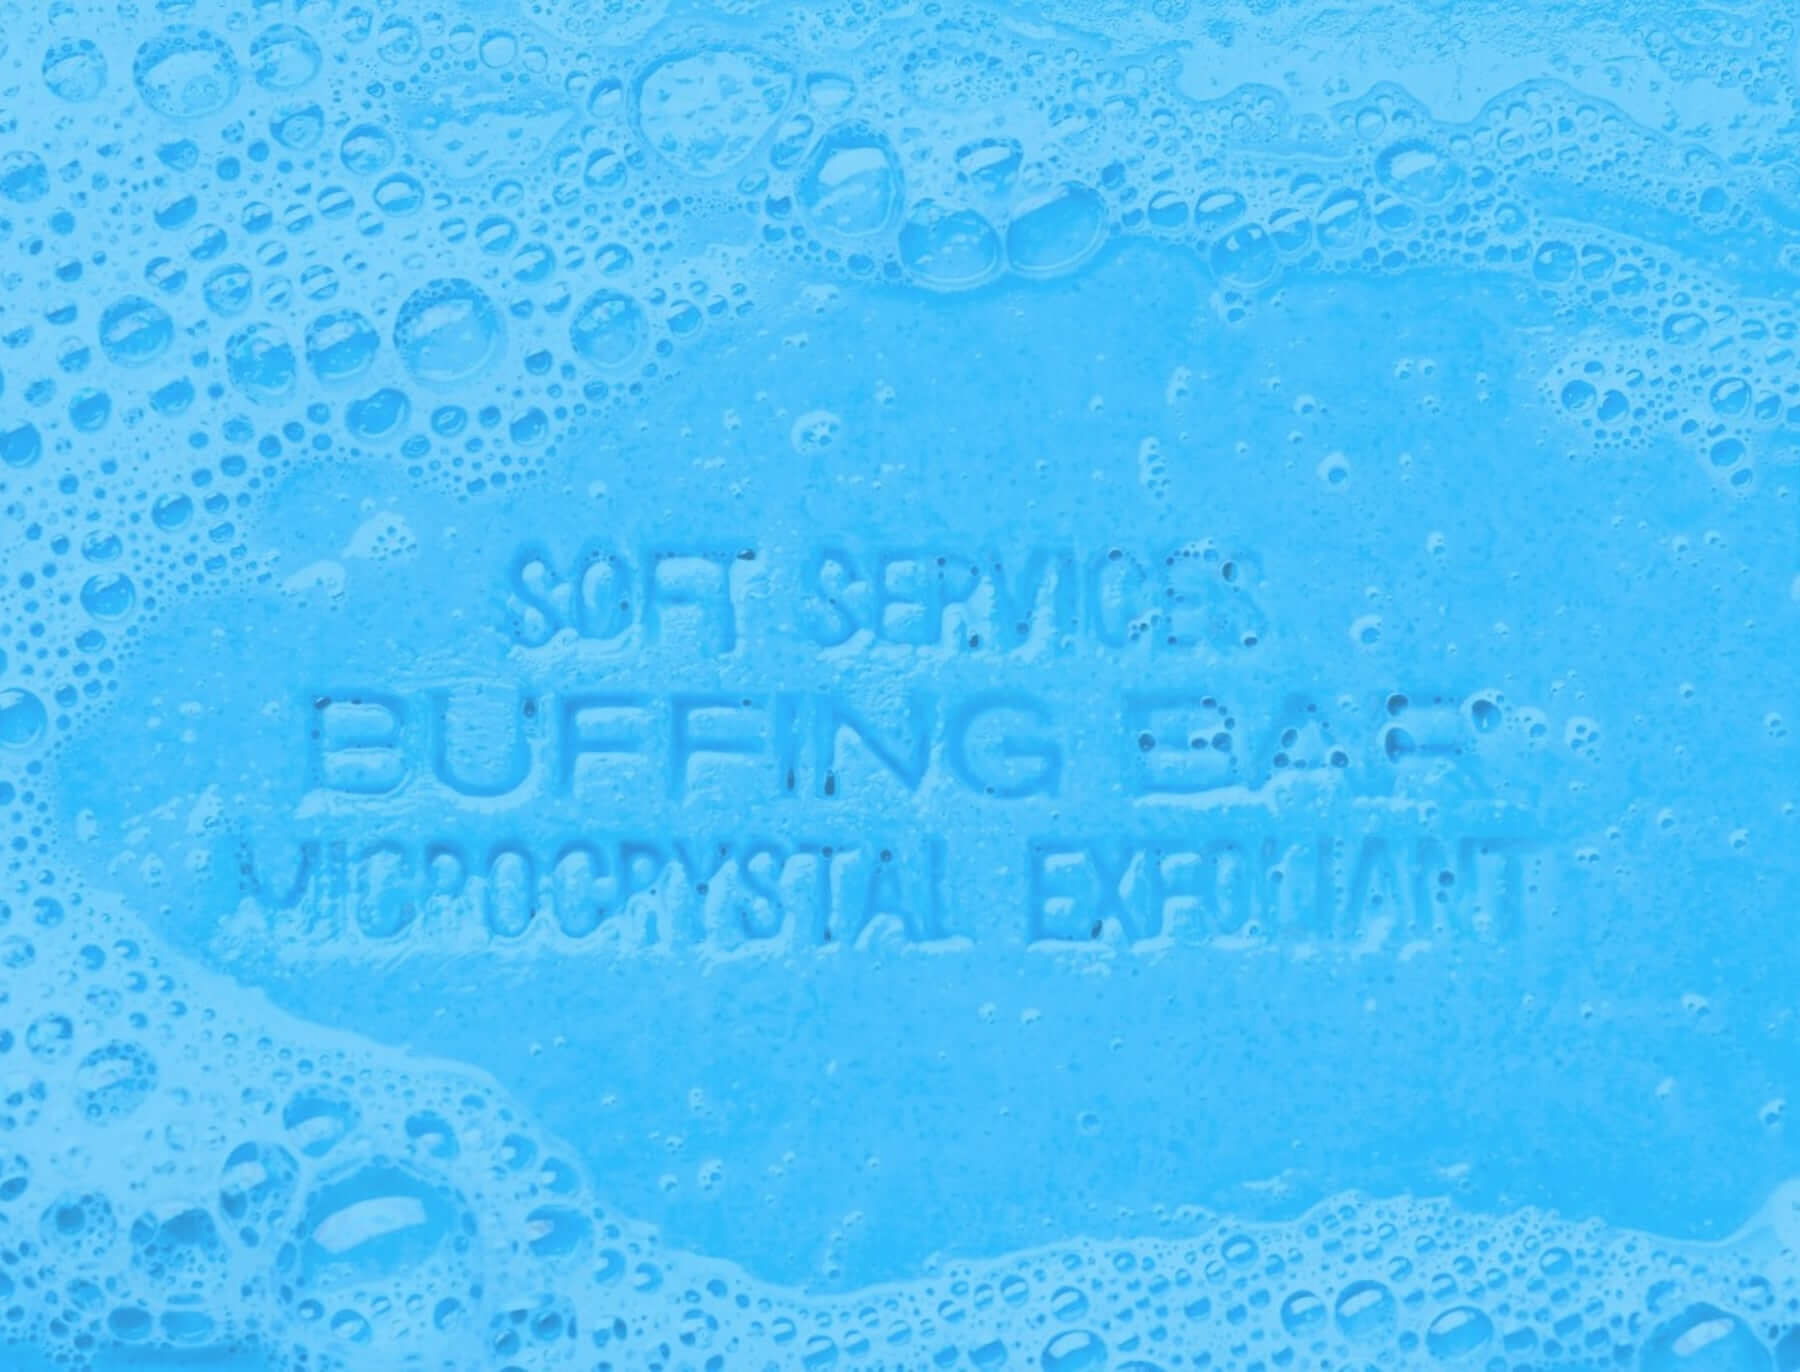 Soft Services body exfoliator